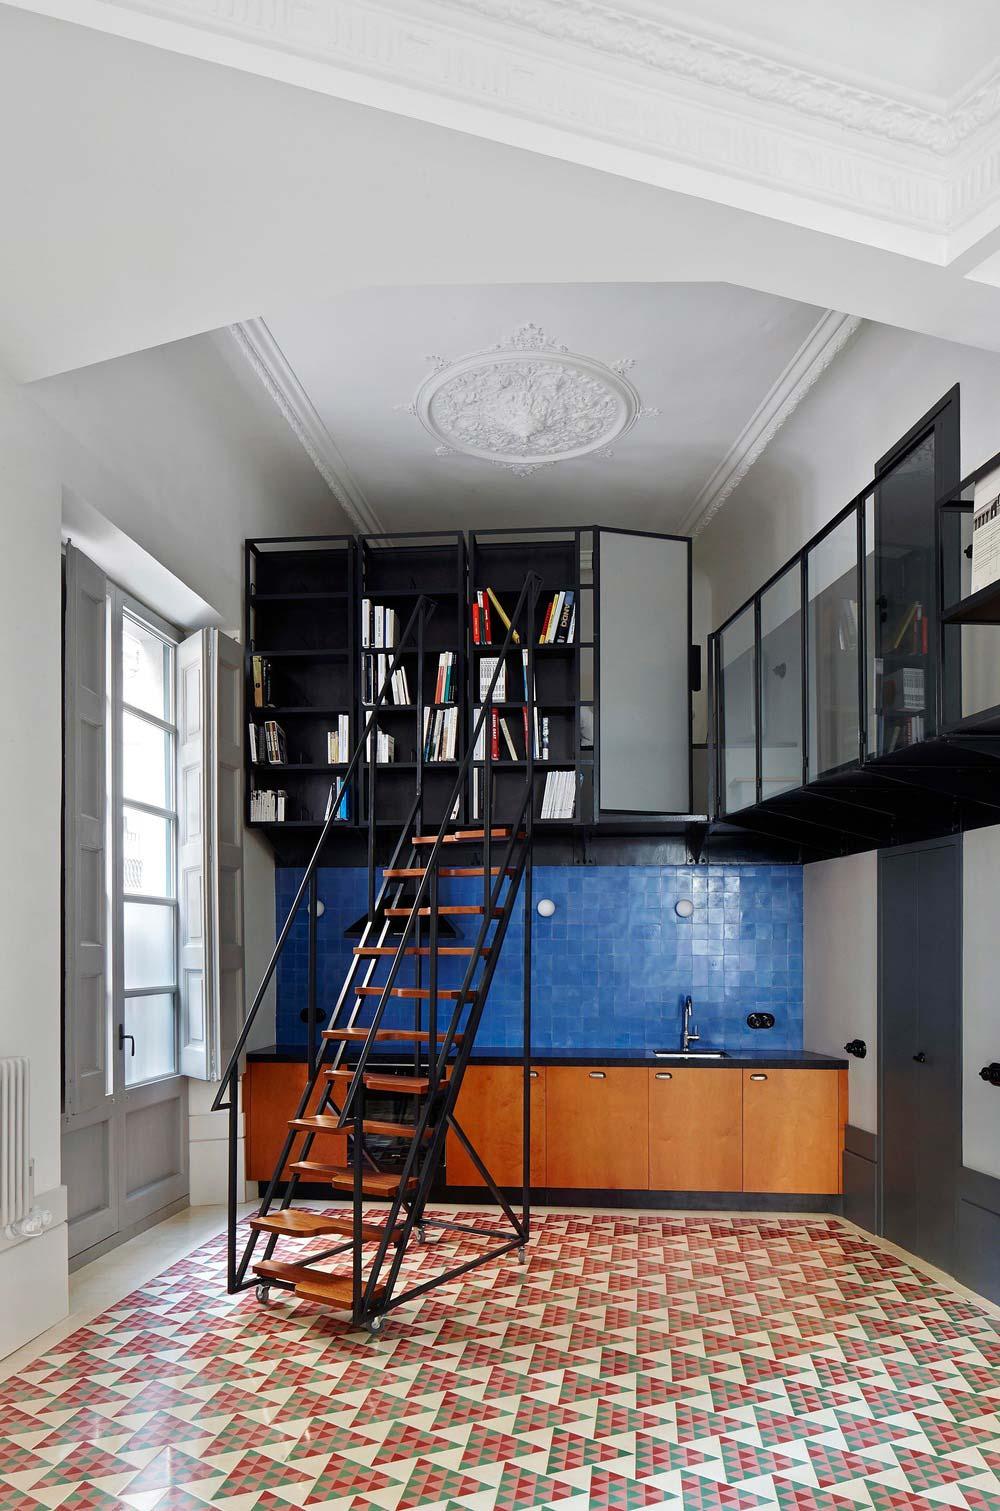 Книжный шкаф в интерьере маленькой двухуровневой квартиры